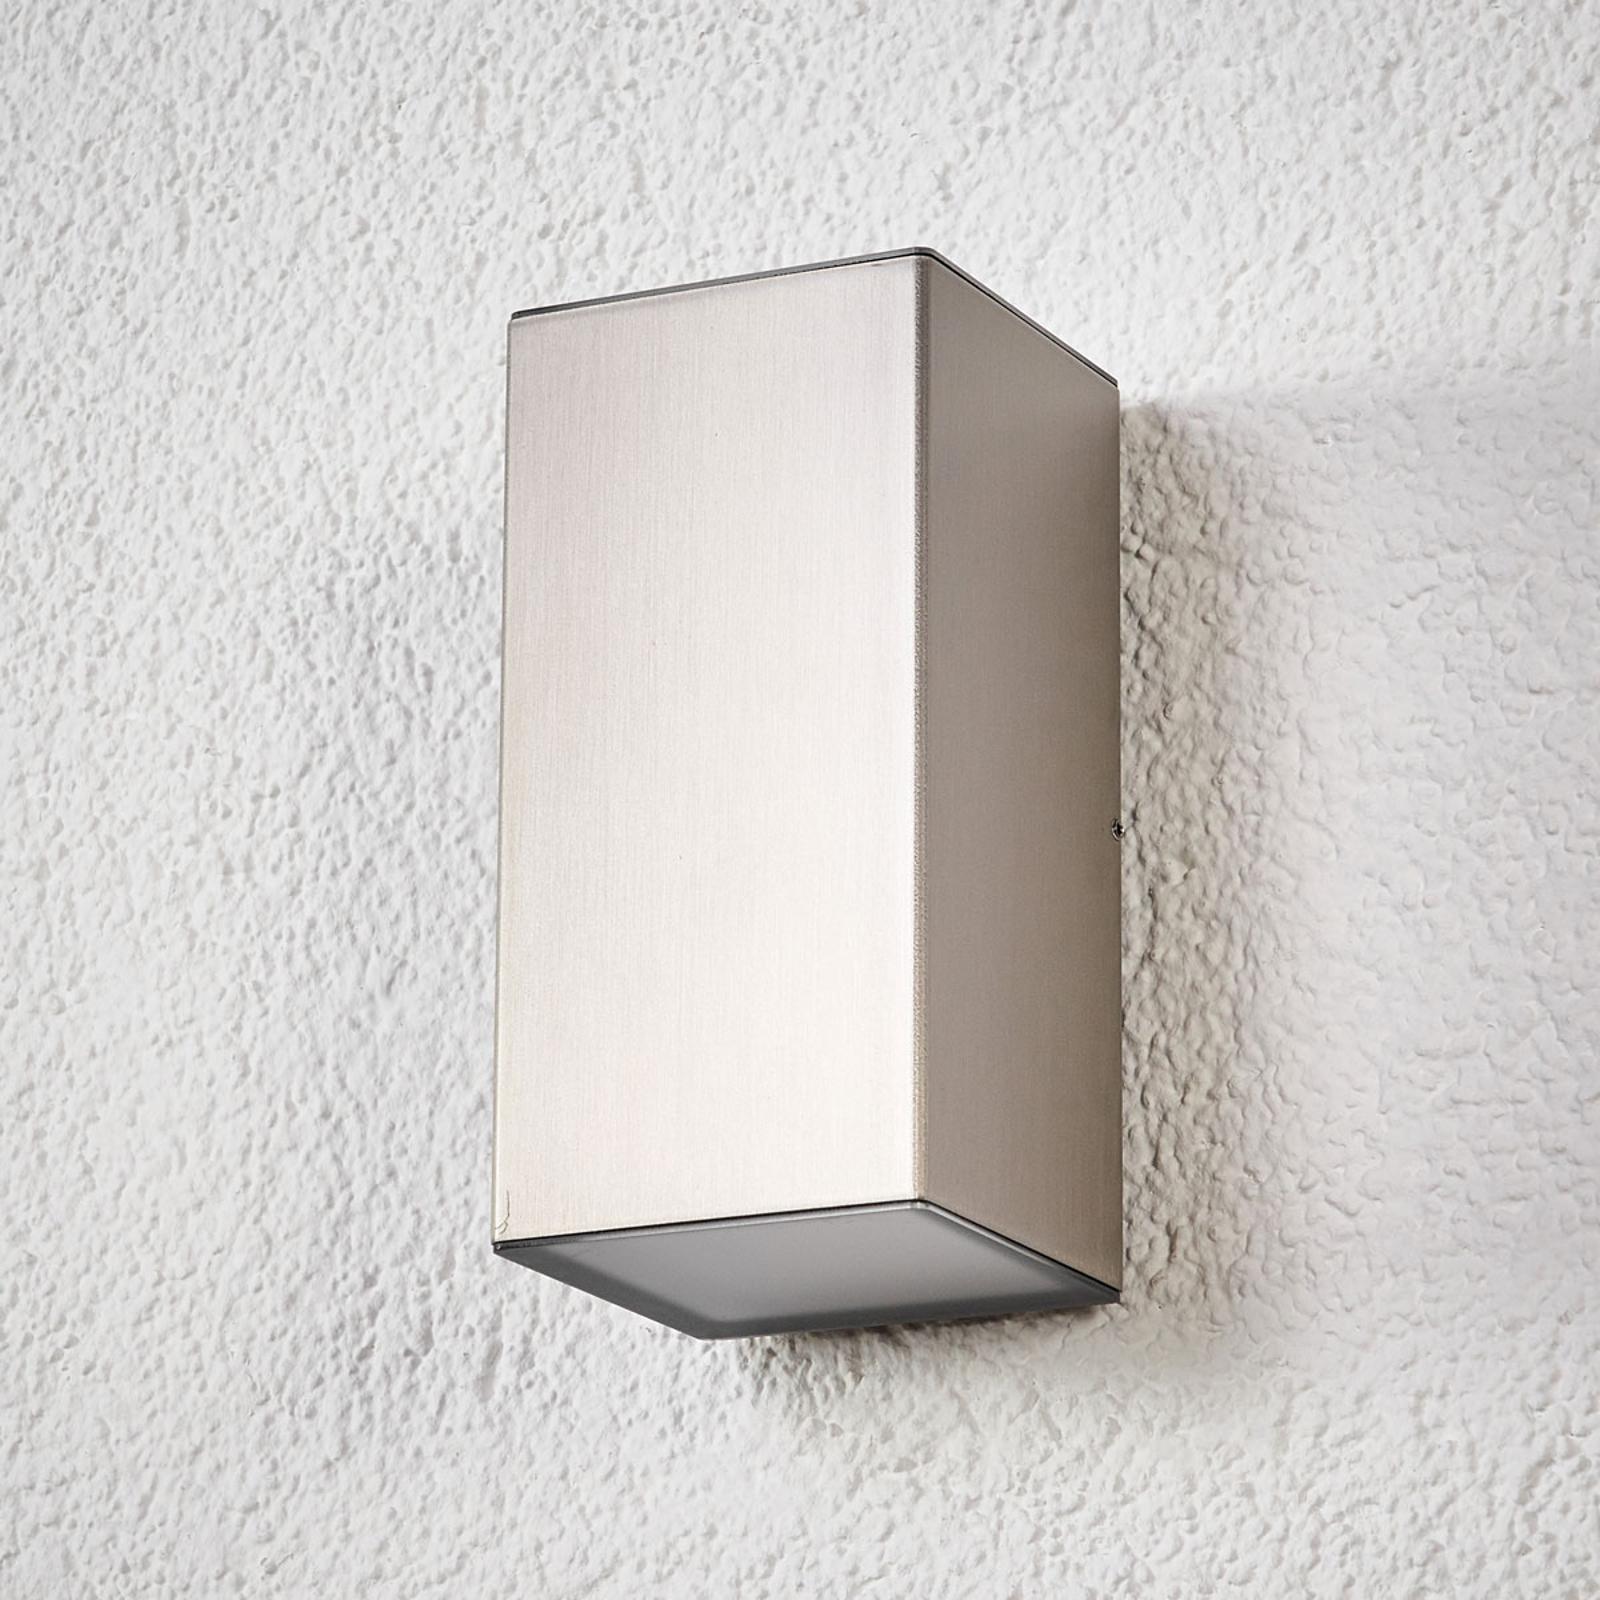 LED-ulkoseinälamppu Jana, ruostumaton, 16x8cm